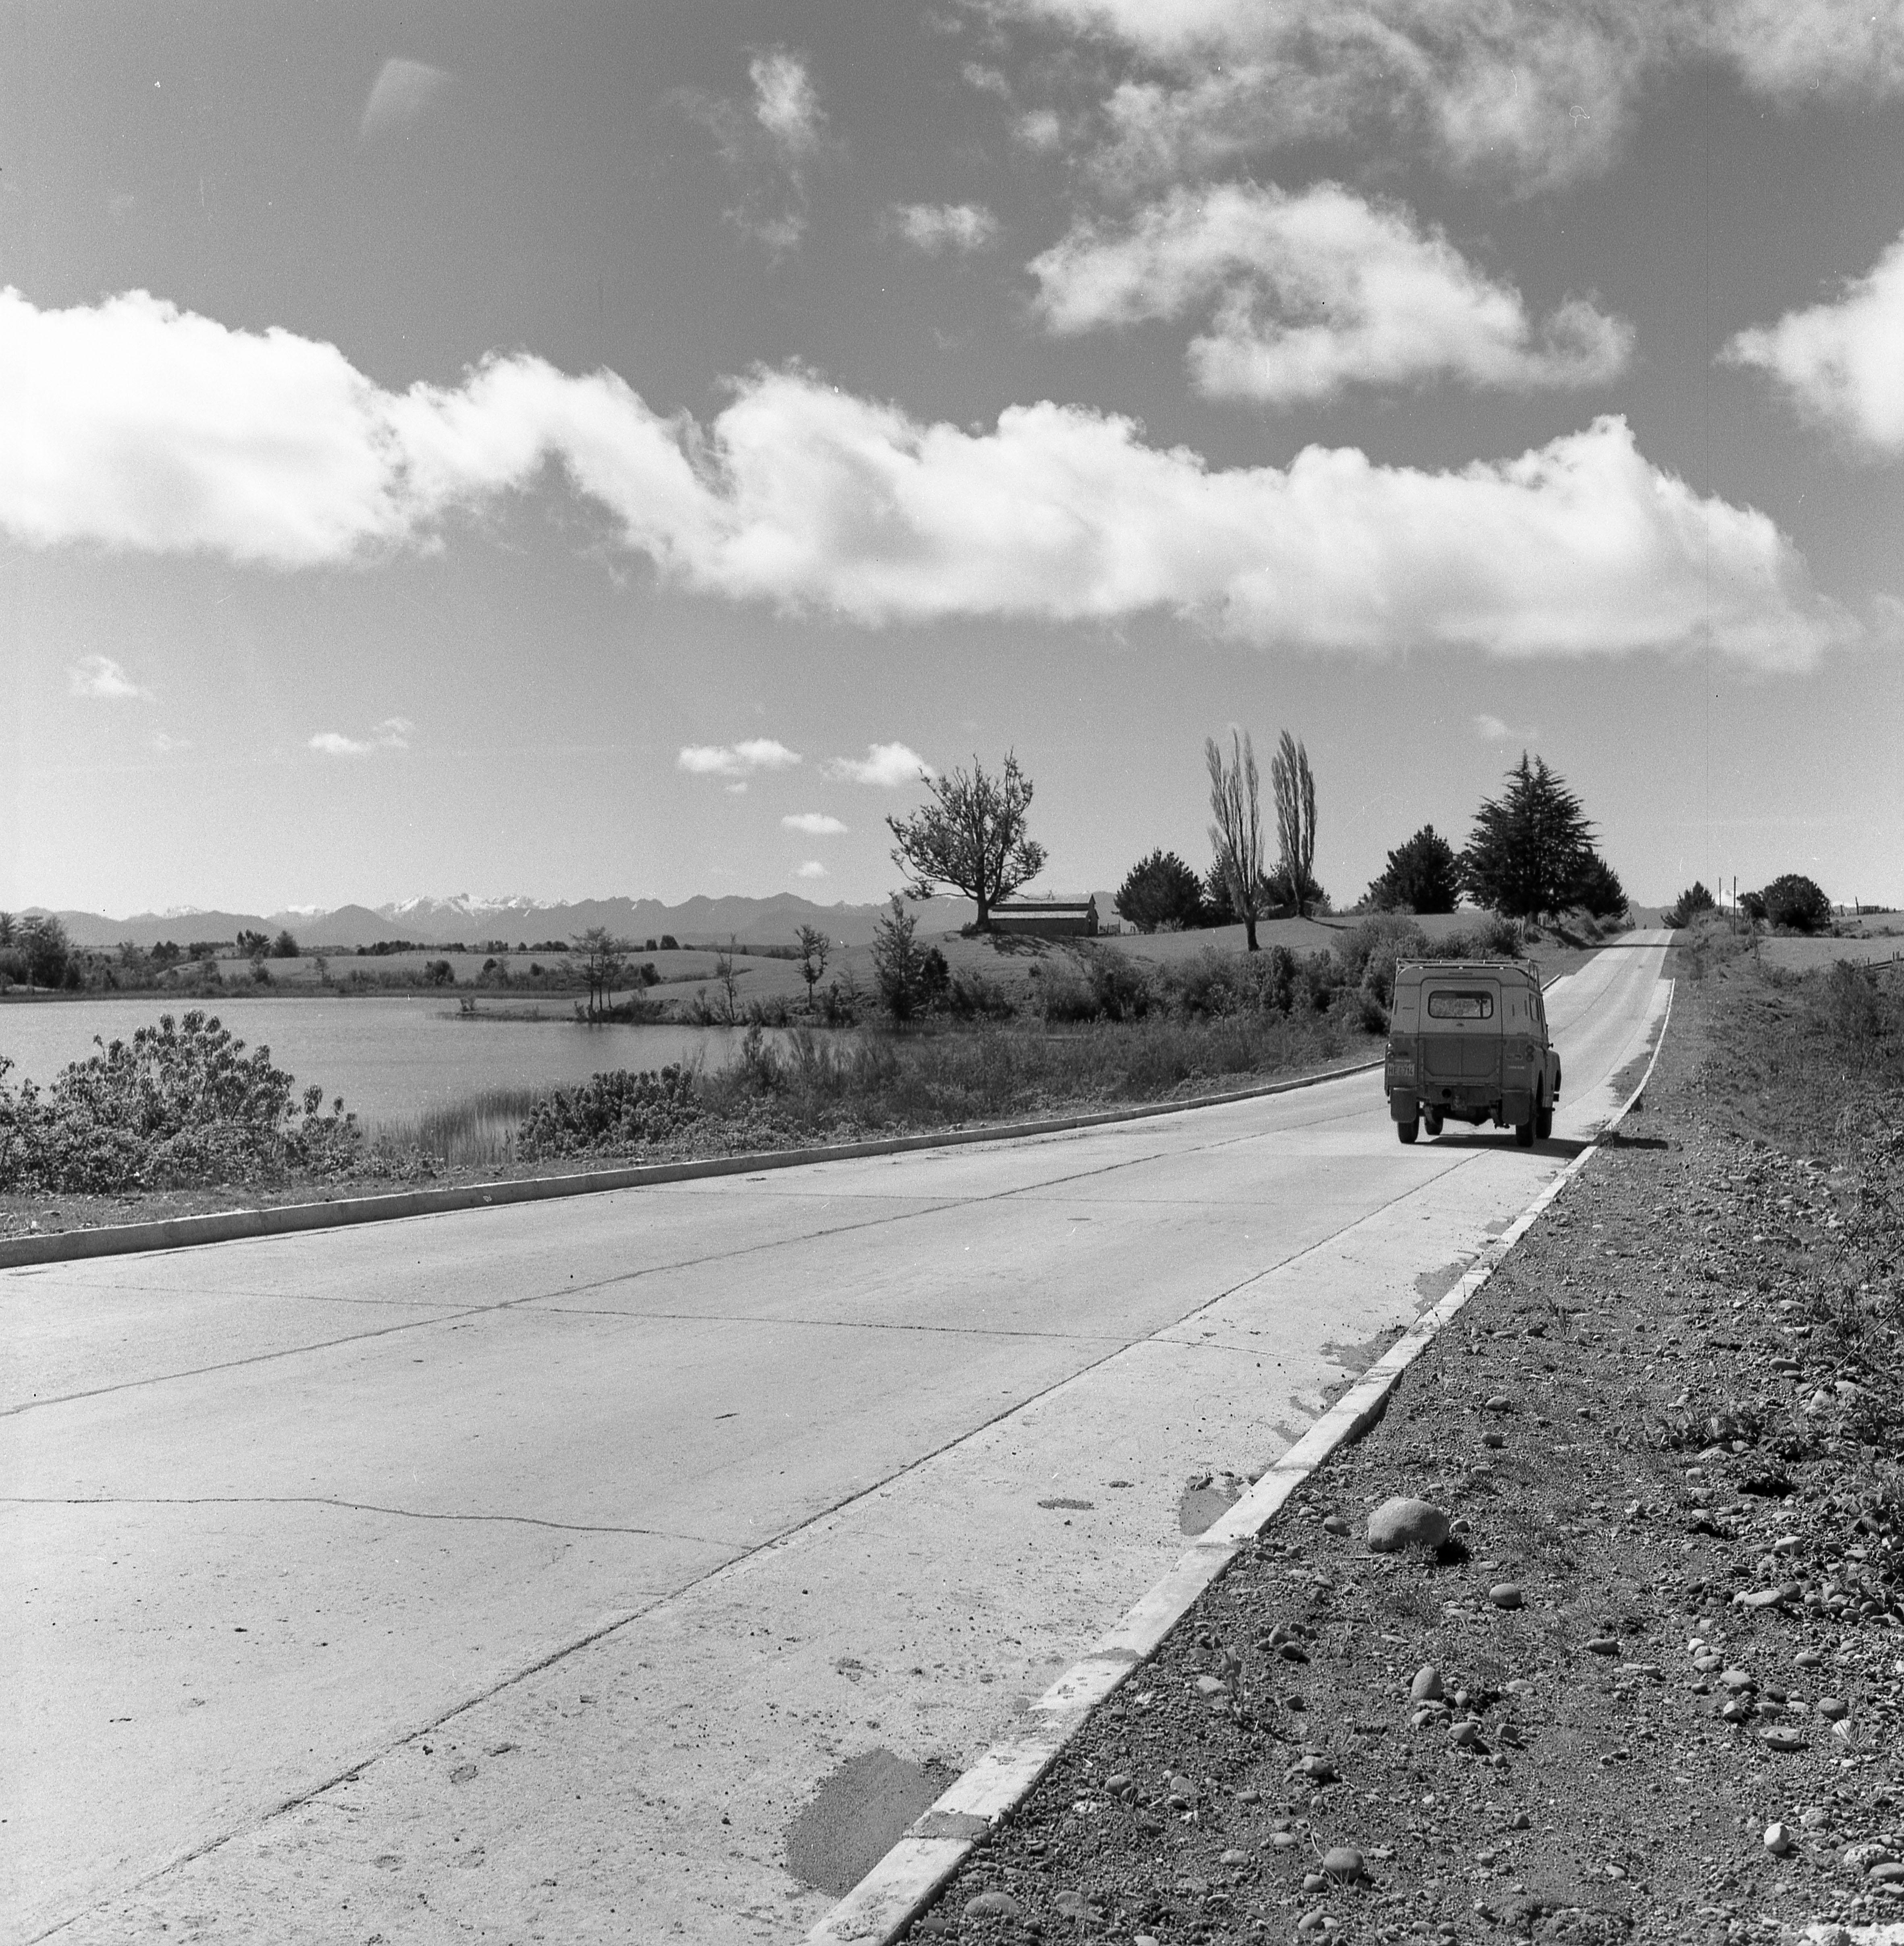 Enterreno - Fotos históricas de chile - fotos antiguas de Chile - Valdivia, 1965.